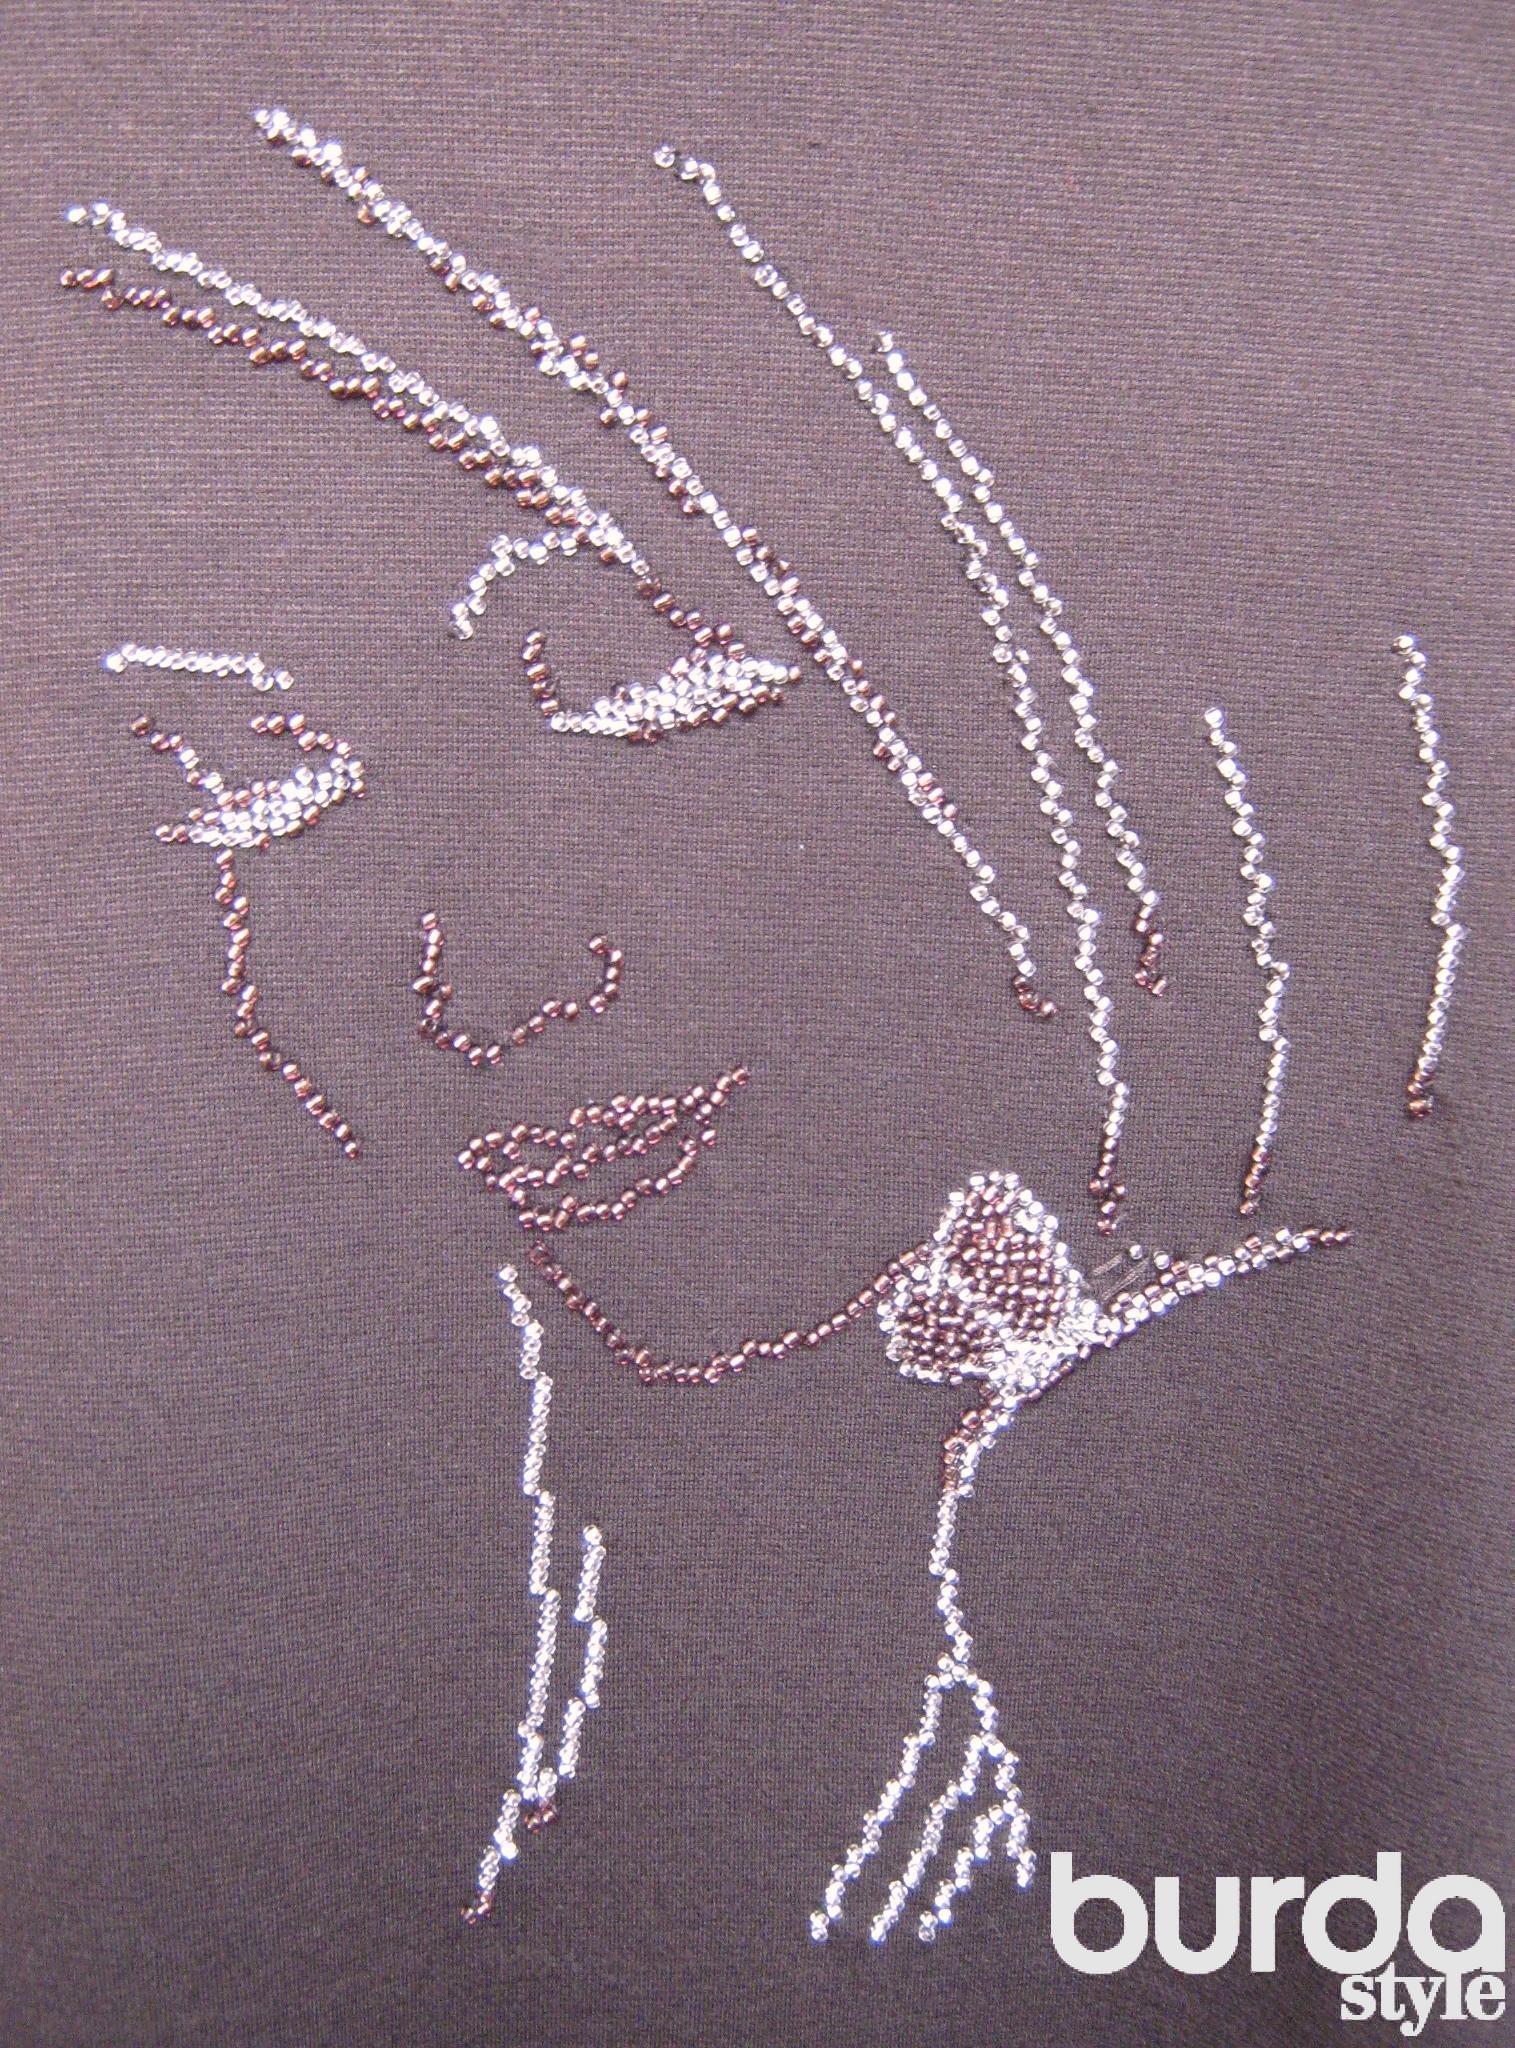 Как перевести рисунок вышивки на грубую ткань, трикотаж или 87